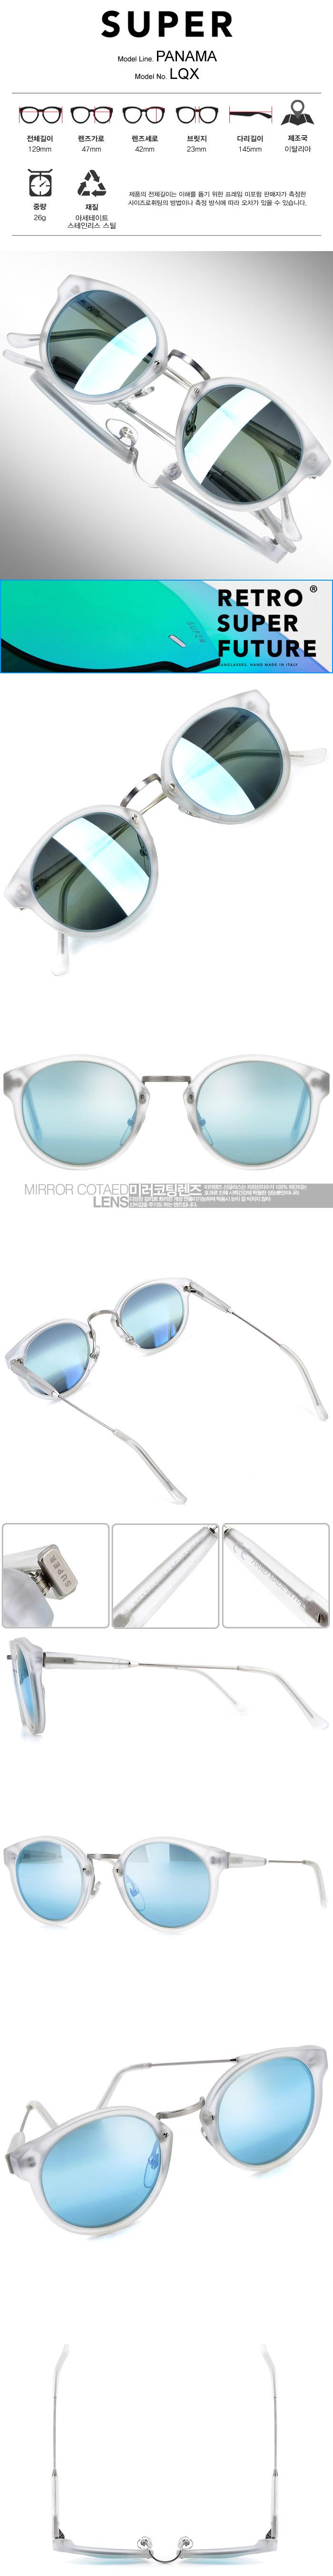 슈퍼 명품 선글라스 PANAMA 3종(택1)